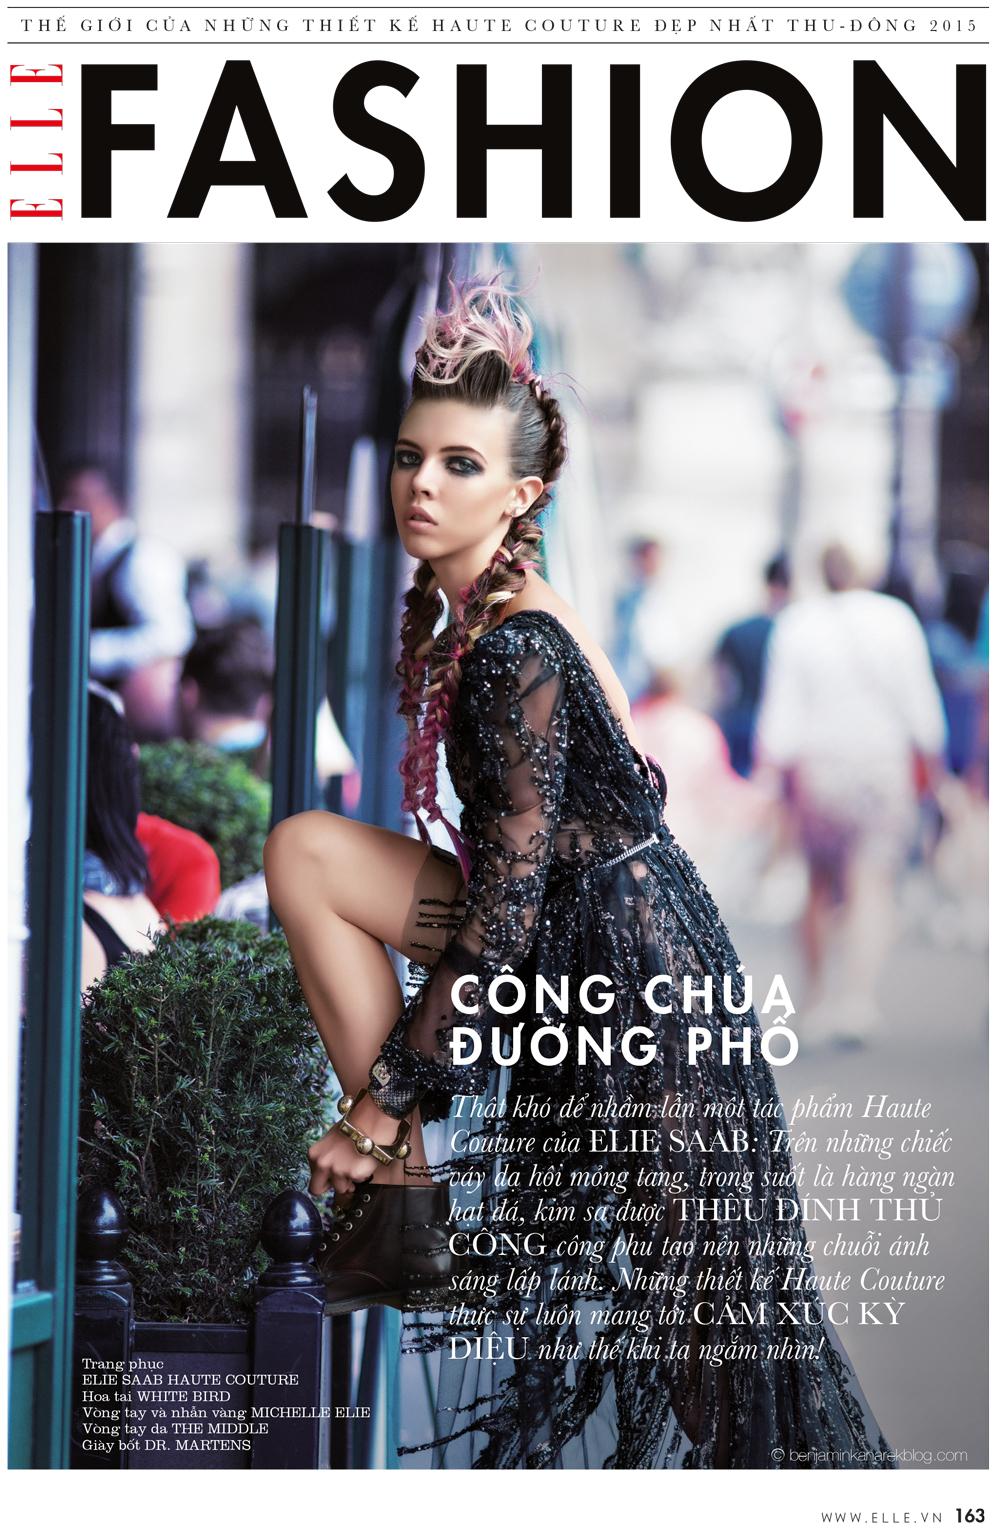 Léa Julian in Elie Saab Haute Couture @ Benjamin Kanarek